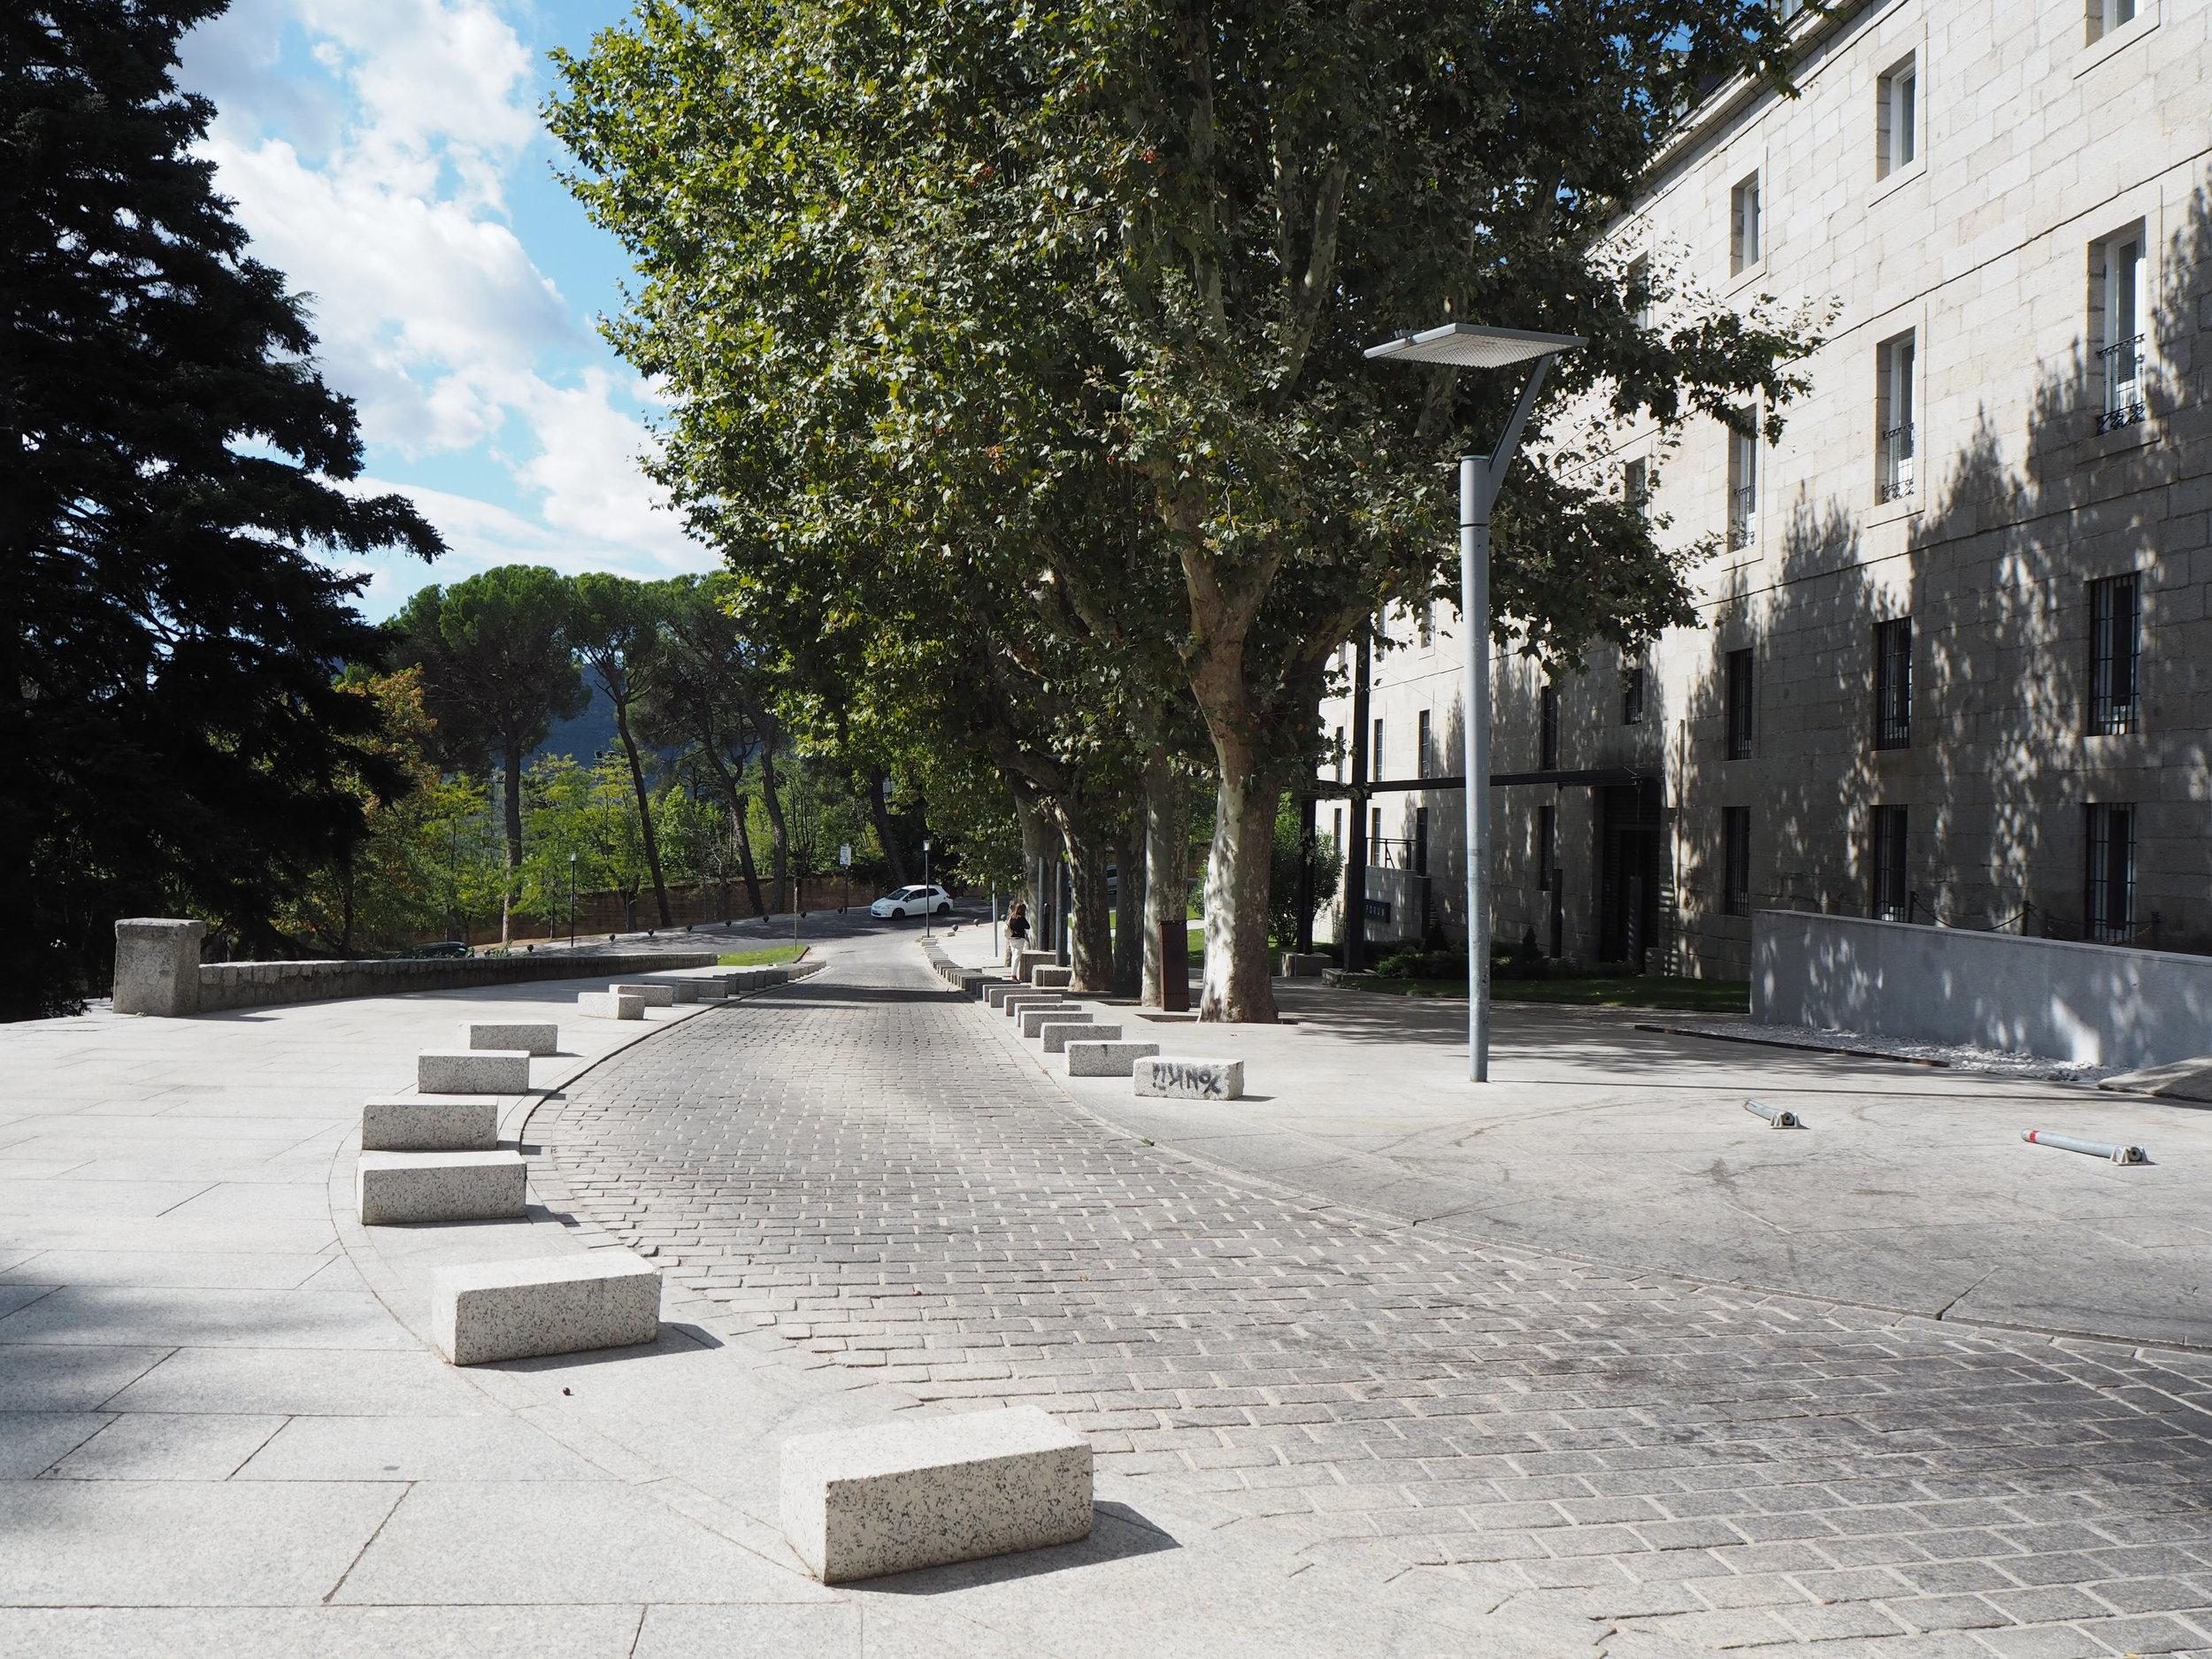 mercado-altavista-aparcamiento-alrededores.JPG